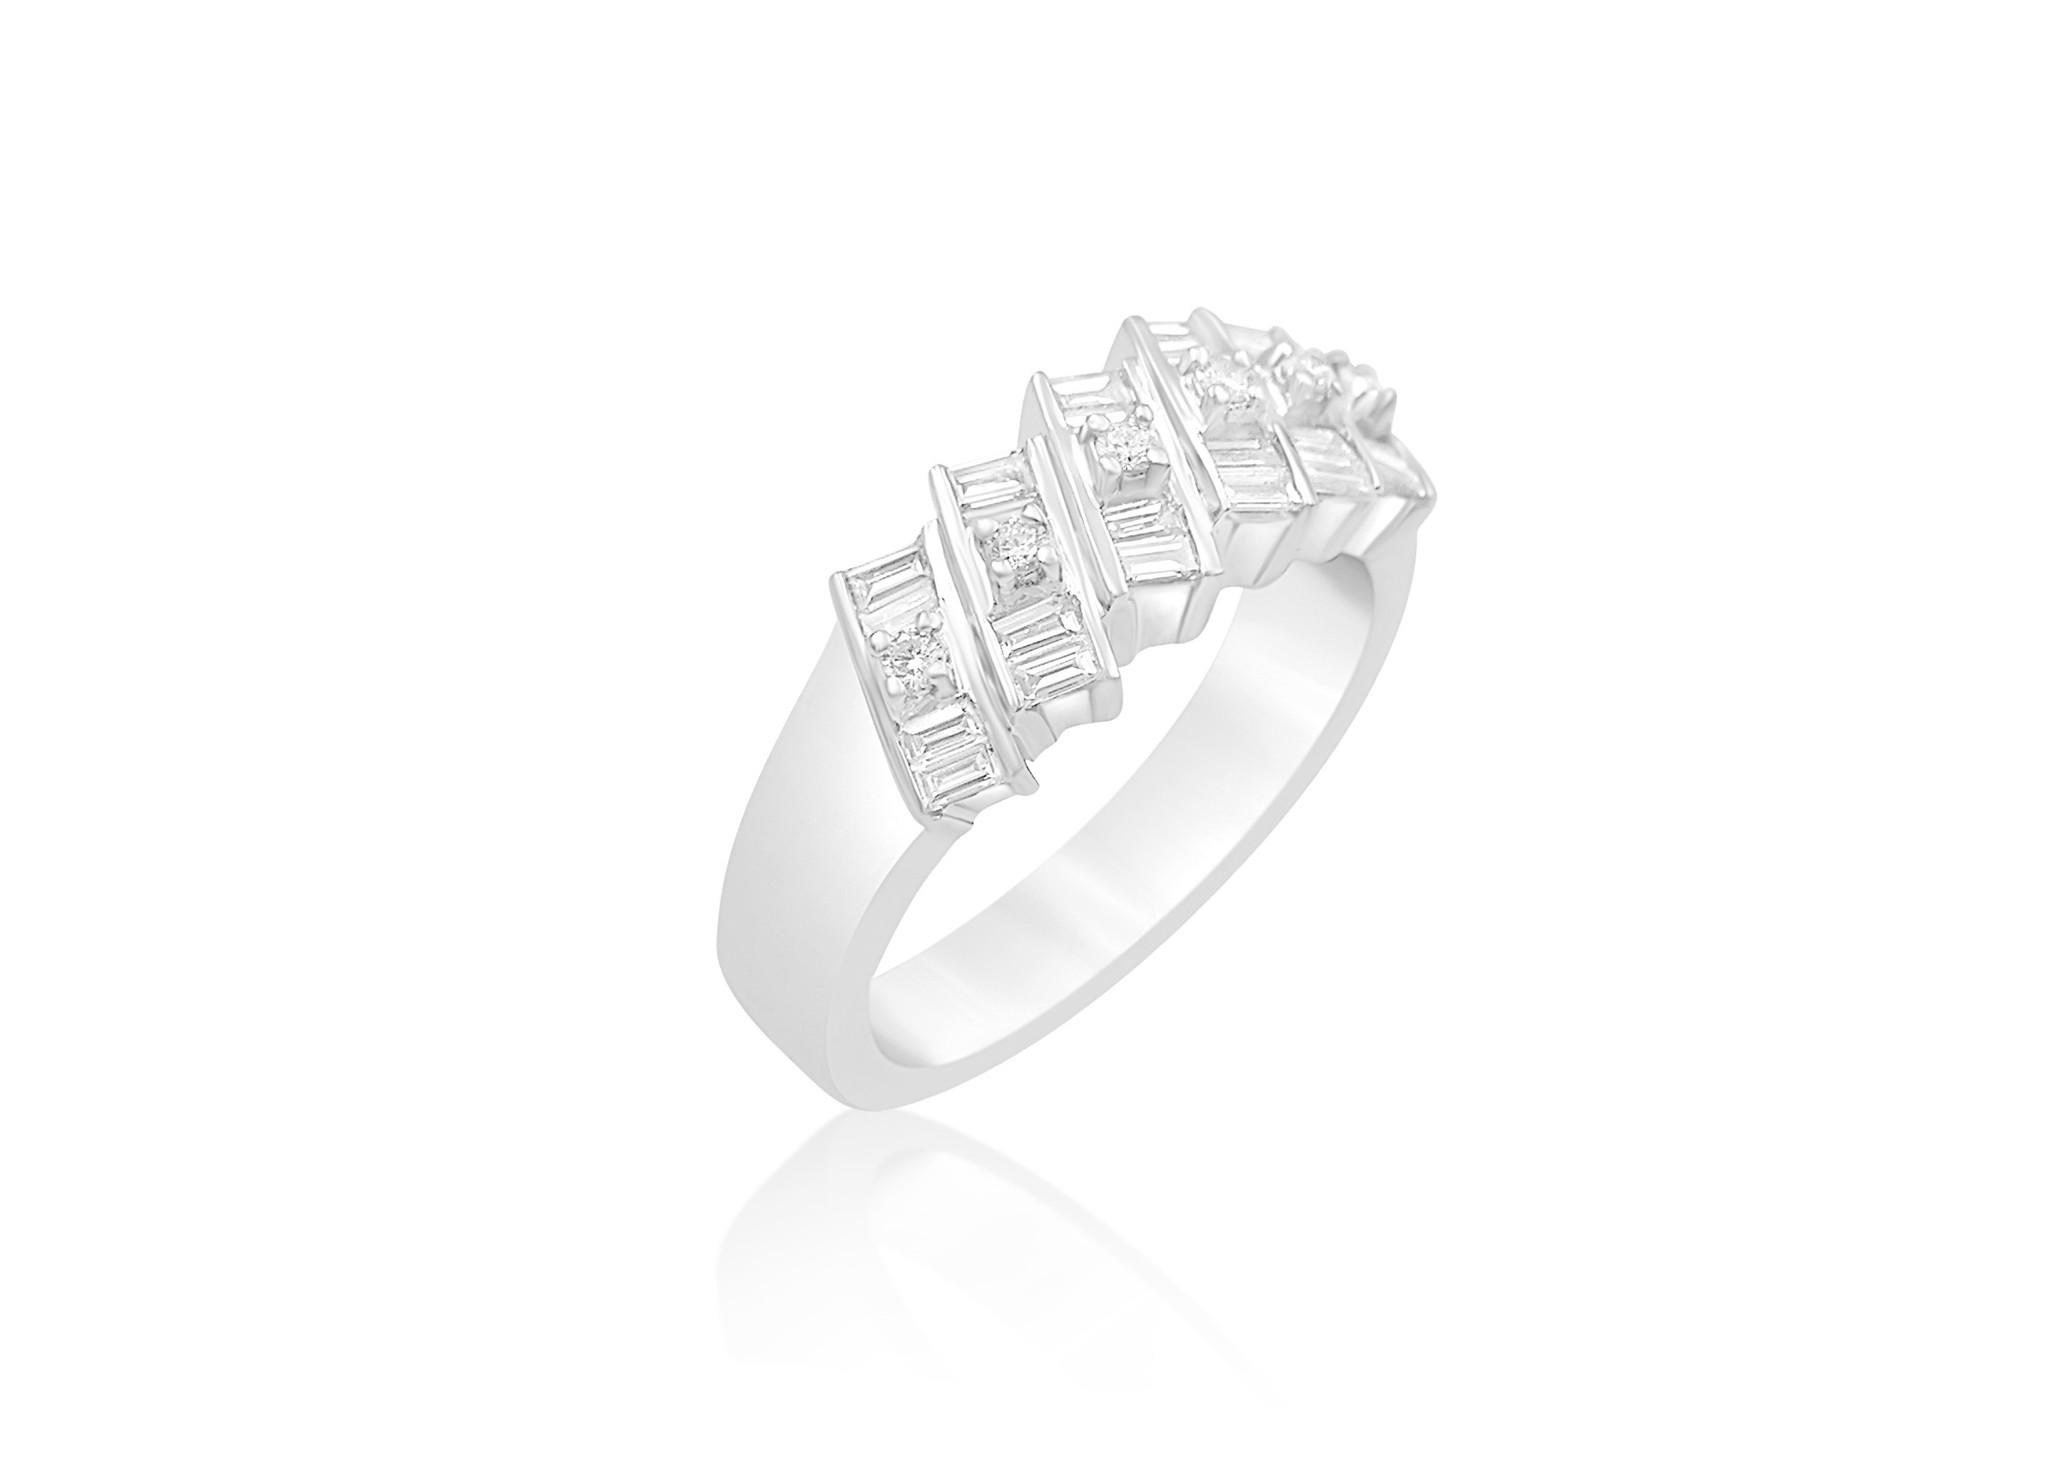 18 karaat wit goud ring met 0.65 CT diamanten